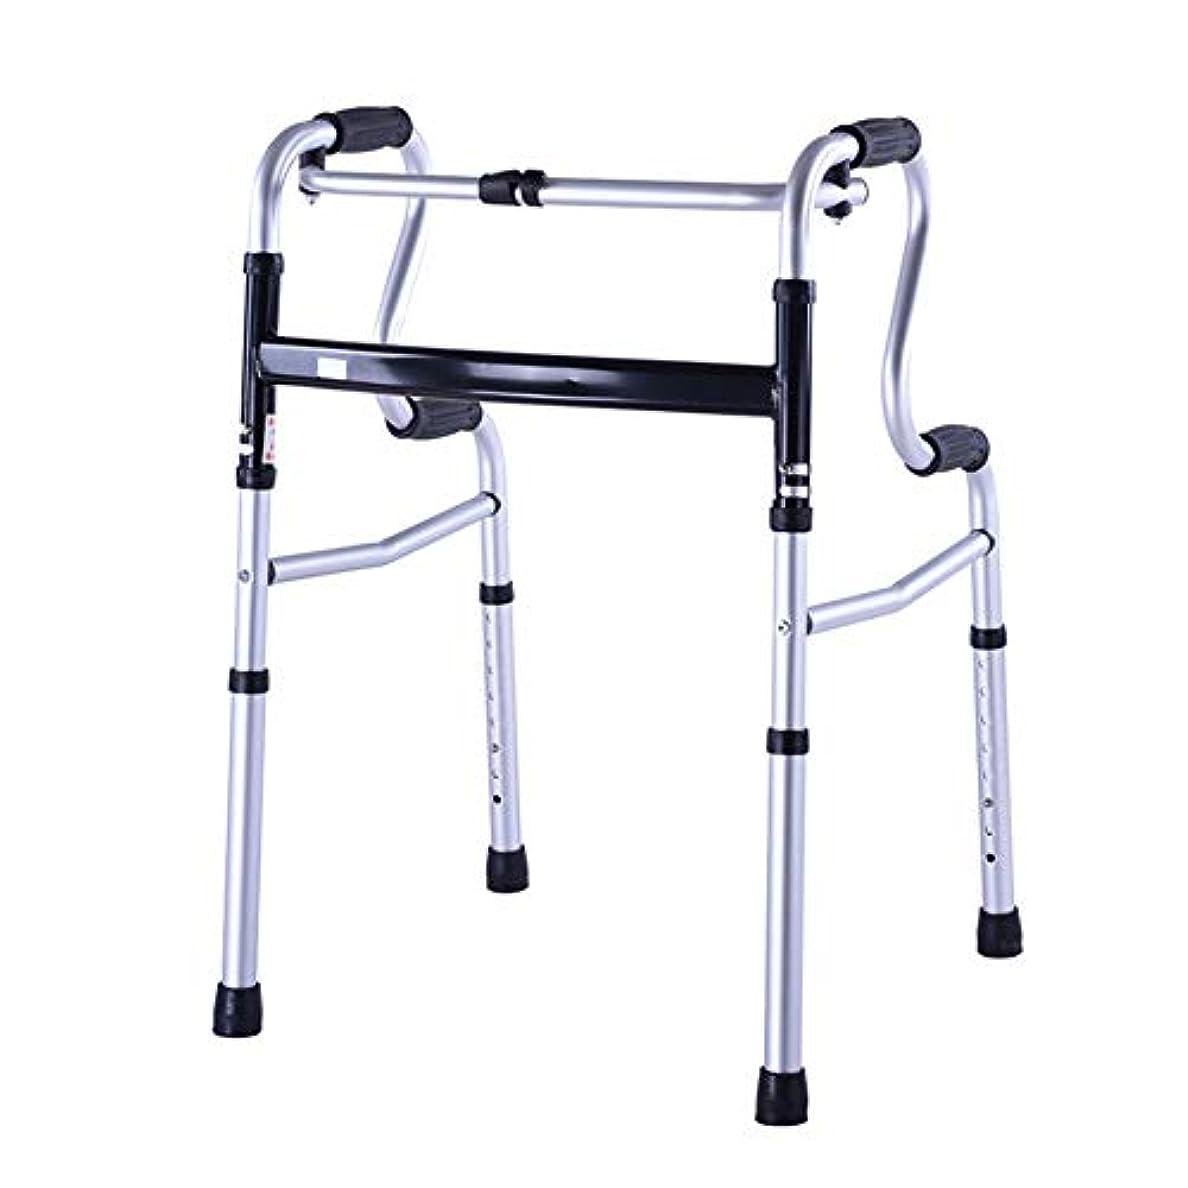 男らしい湖集める折りたたみ式歩行器、身体障害者用リハビリテーション歩行器、高齢者用軽量4本足杖、高さ調節可能なアルミフレーム、高齢者および身体障害者用ZDDAB